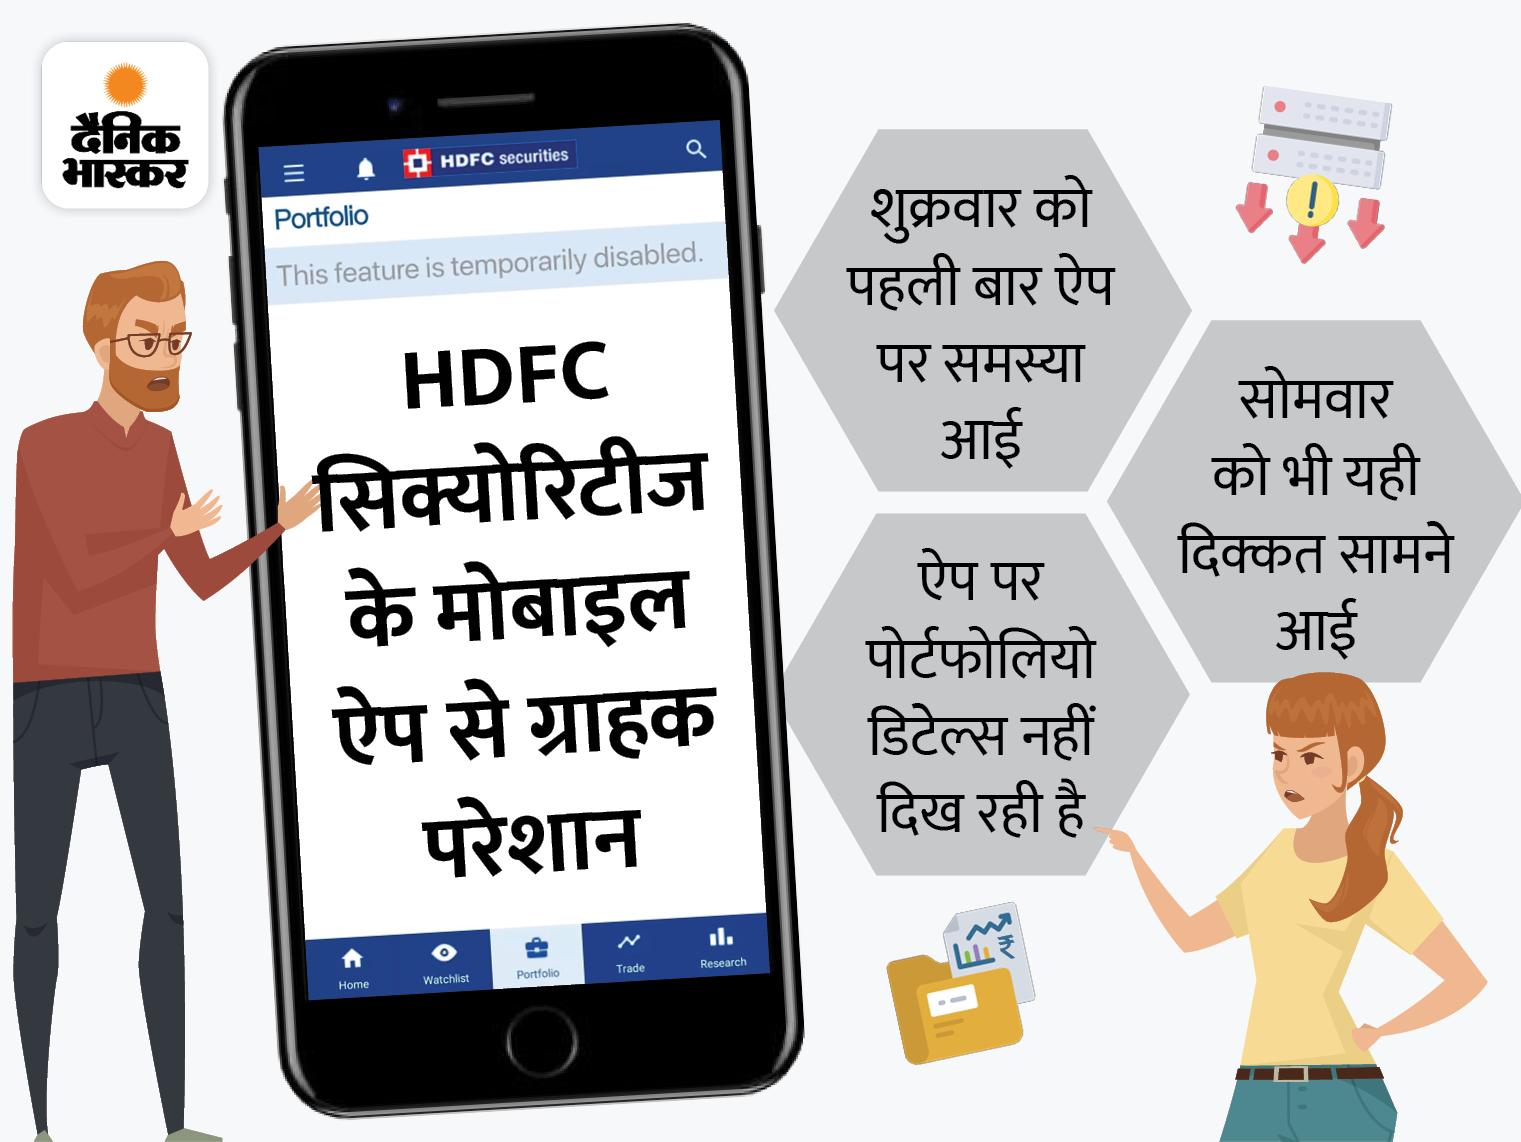 HDFC सिक्योरिटीज के मोबाइल ऐप पर दो दिनों से दिक्कत, ग्राहकों को पोर्टफोलियो डिटेल्स नहीं दिख रही|बिजनेस,Business - Dainik Bhaskar